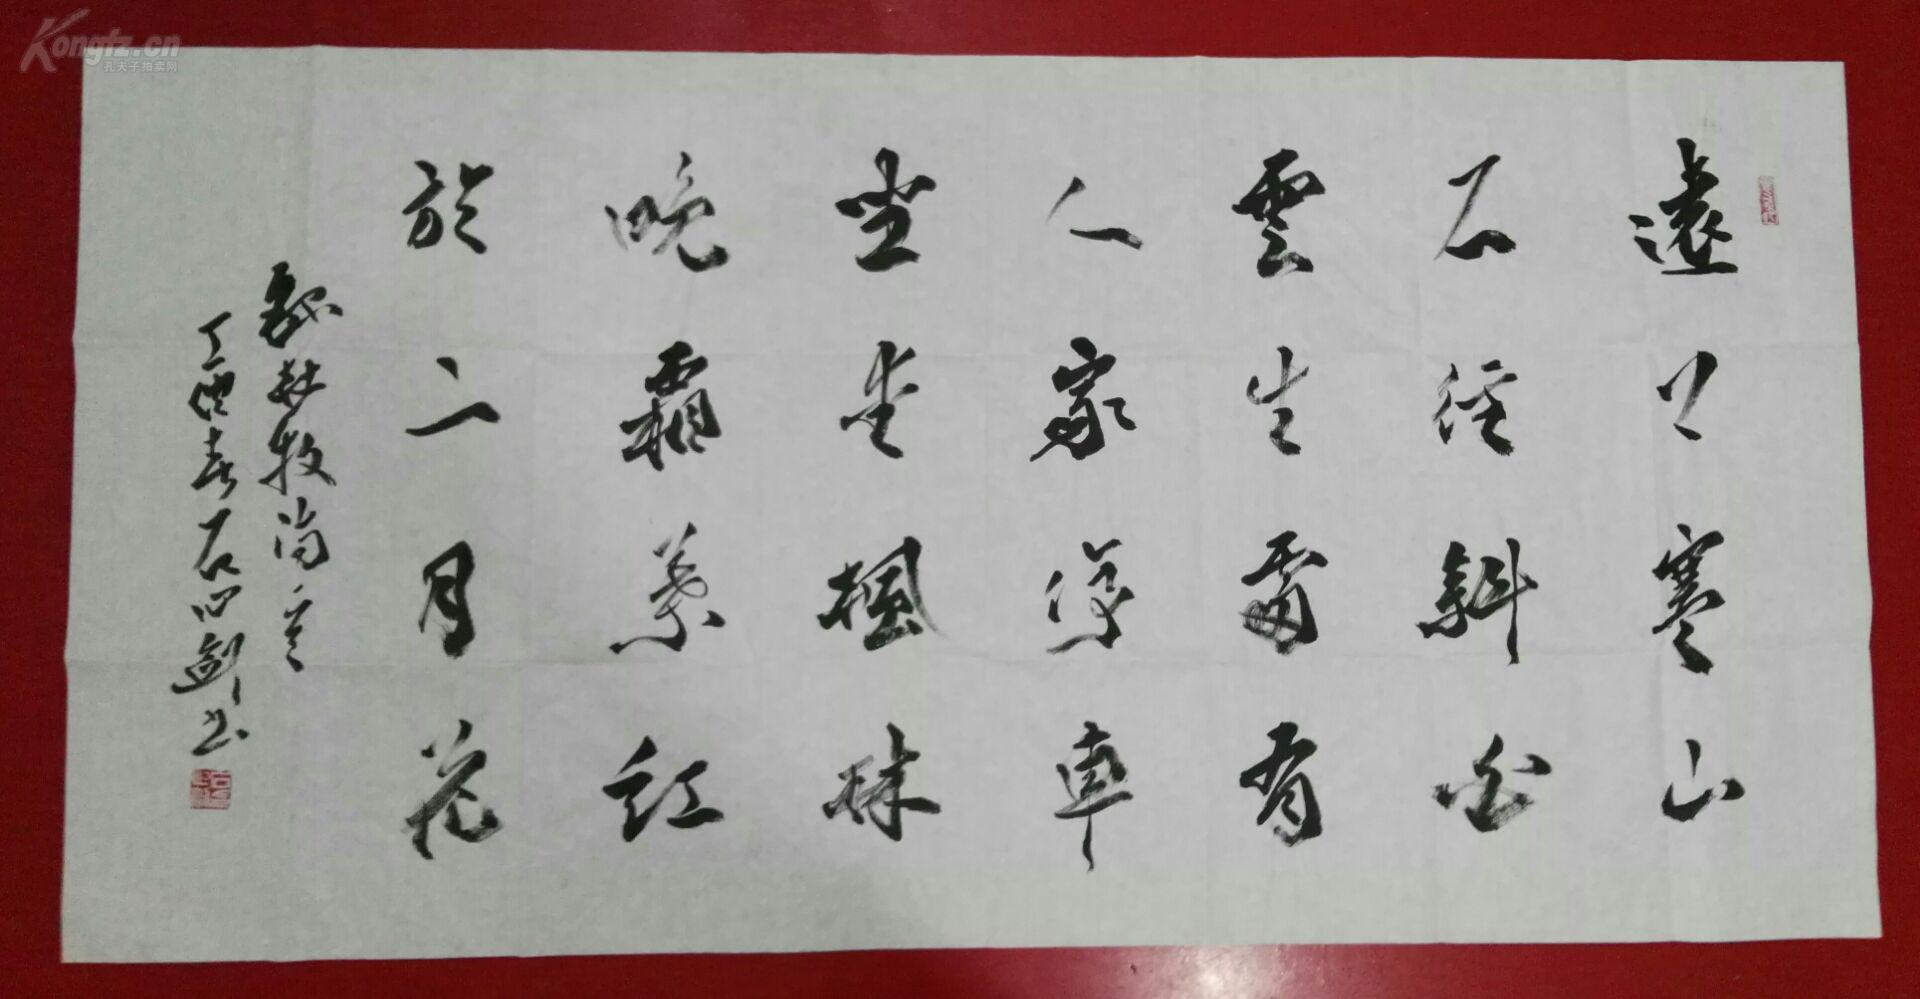 陕西书画艺术研究院副院长,西安市书法家协会副主席兼秘书长,中国当代图片